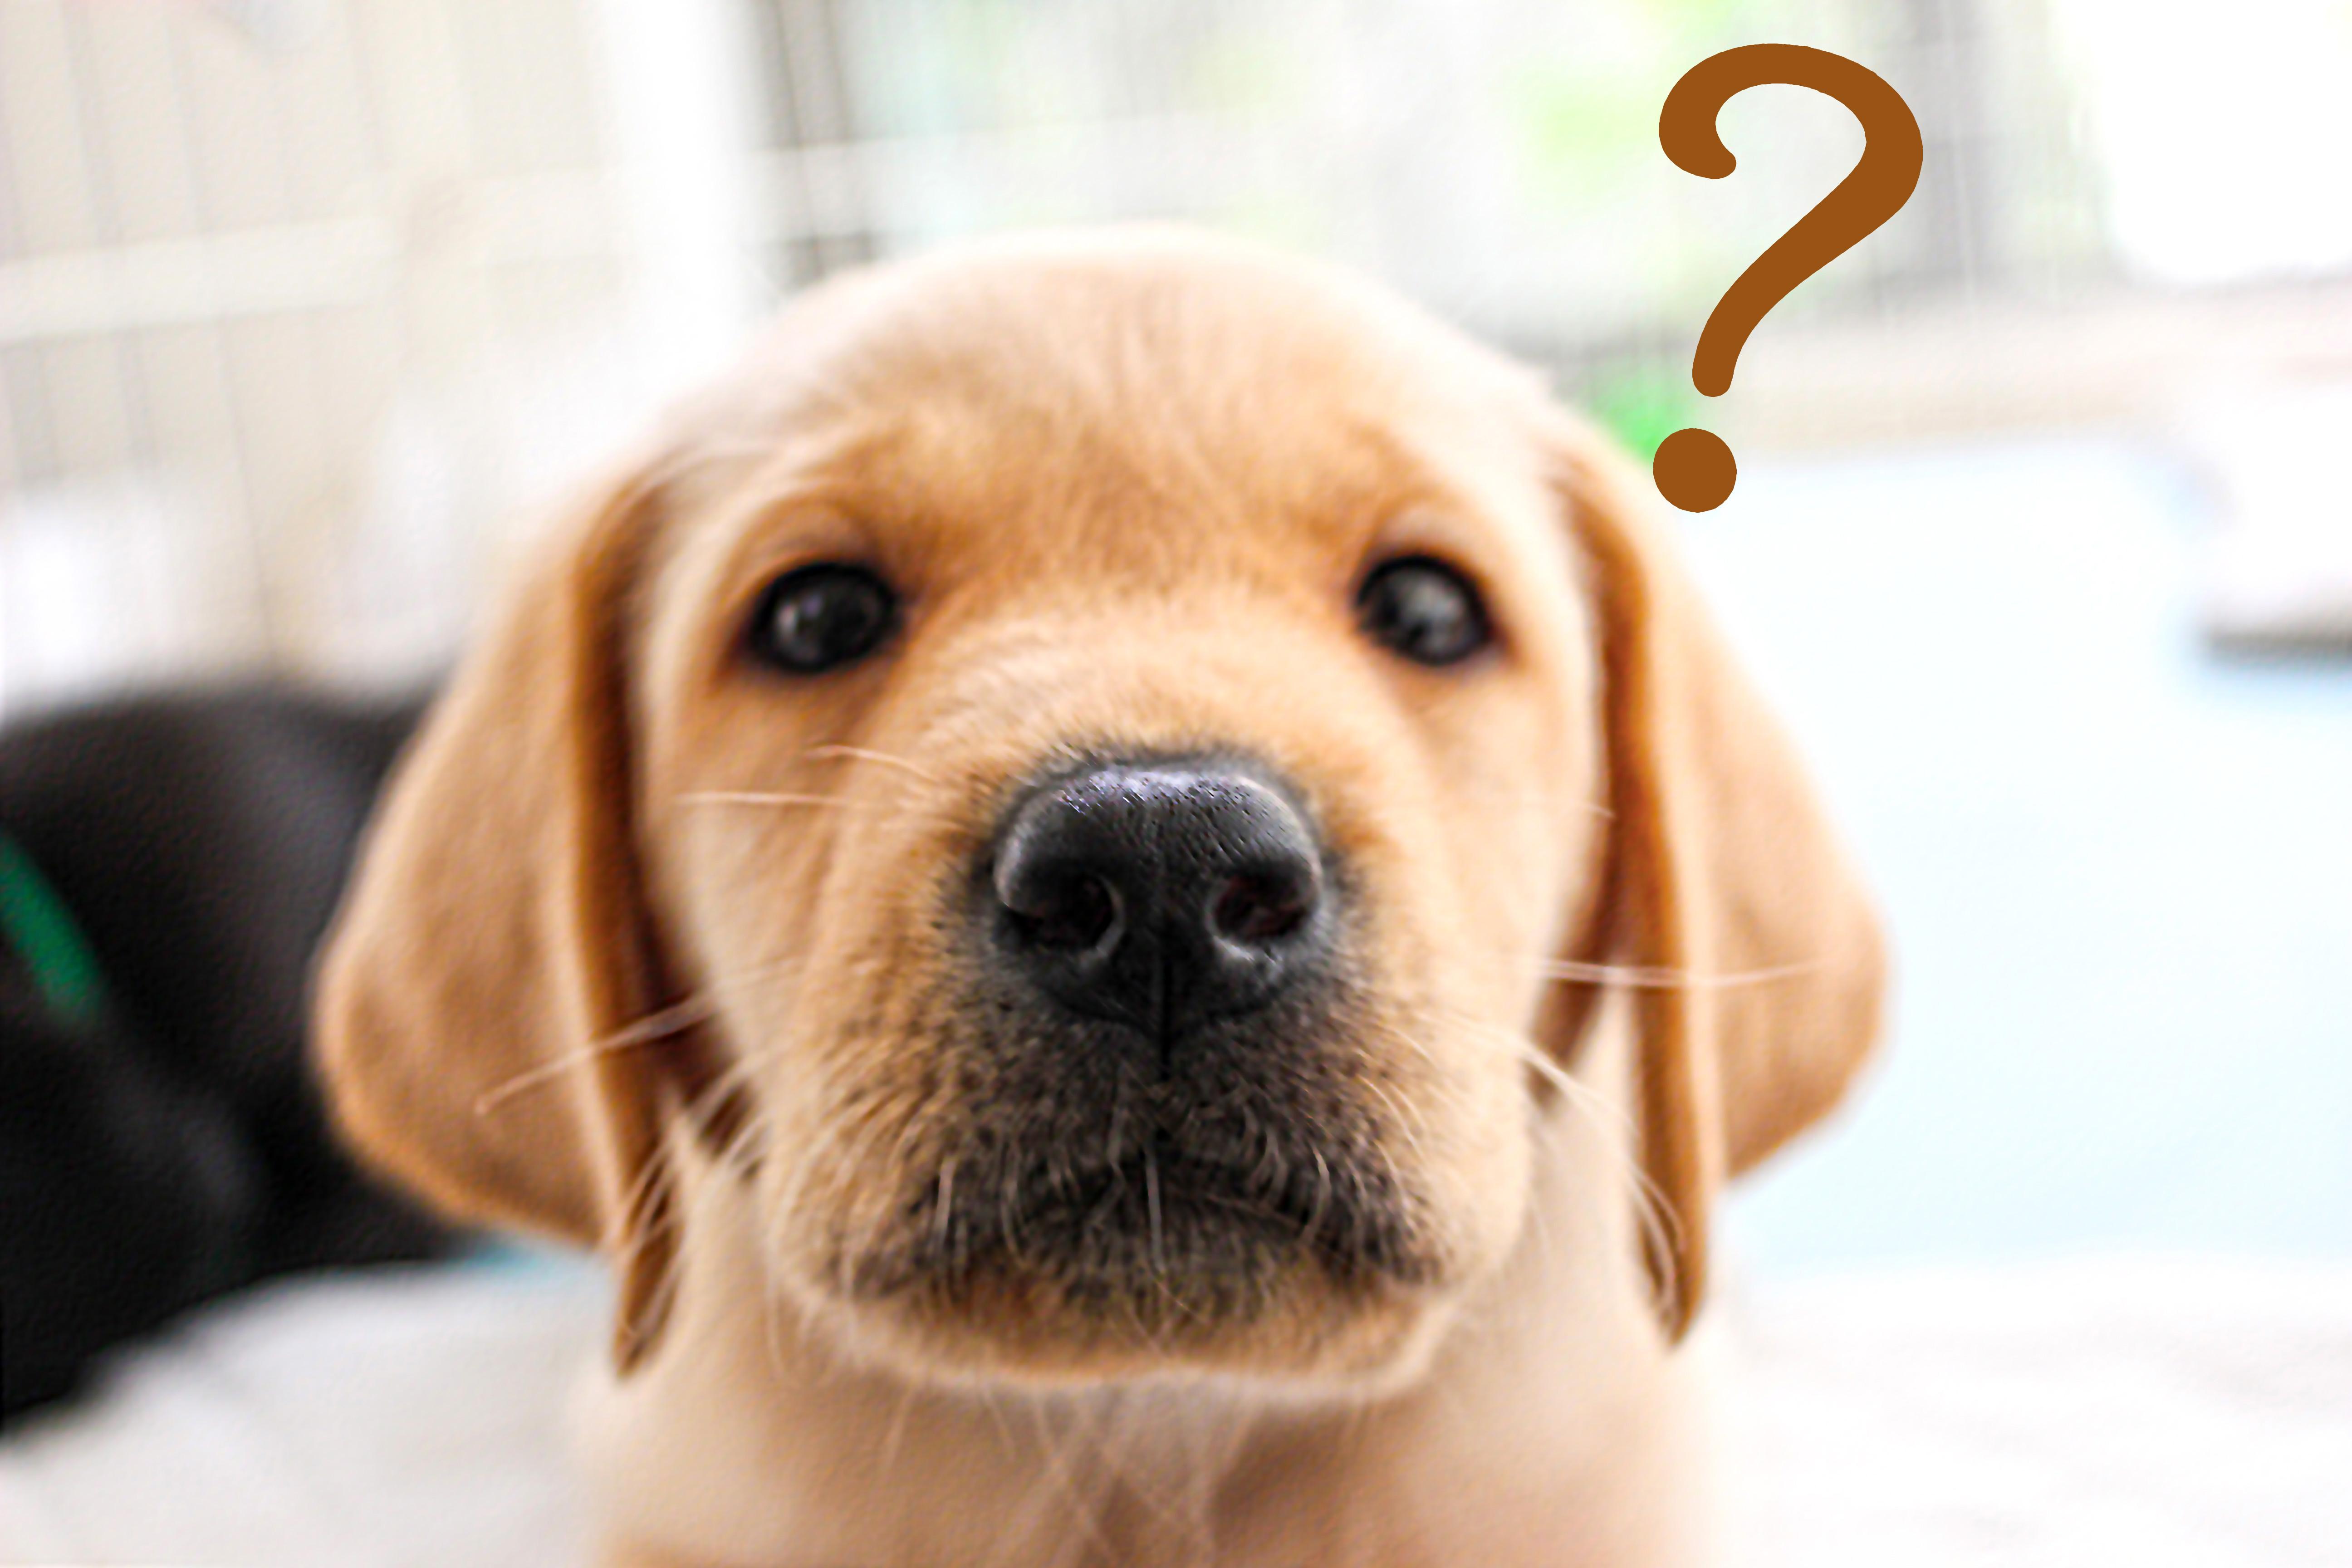 犬を飼いたい!①犬を飼うってどうなの?第一ステップ「悩み」編